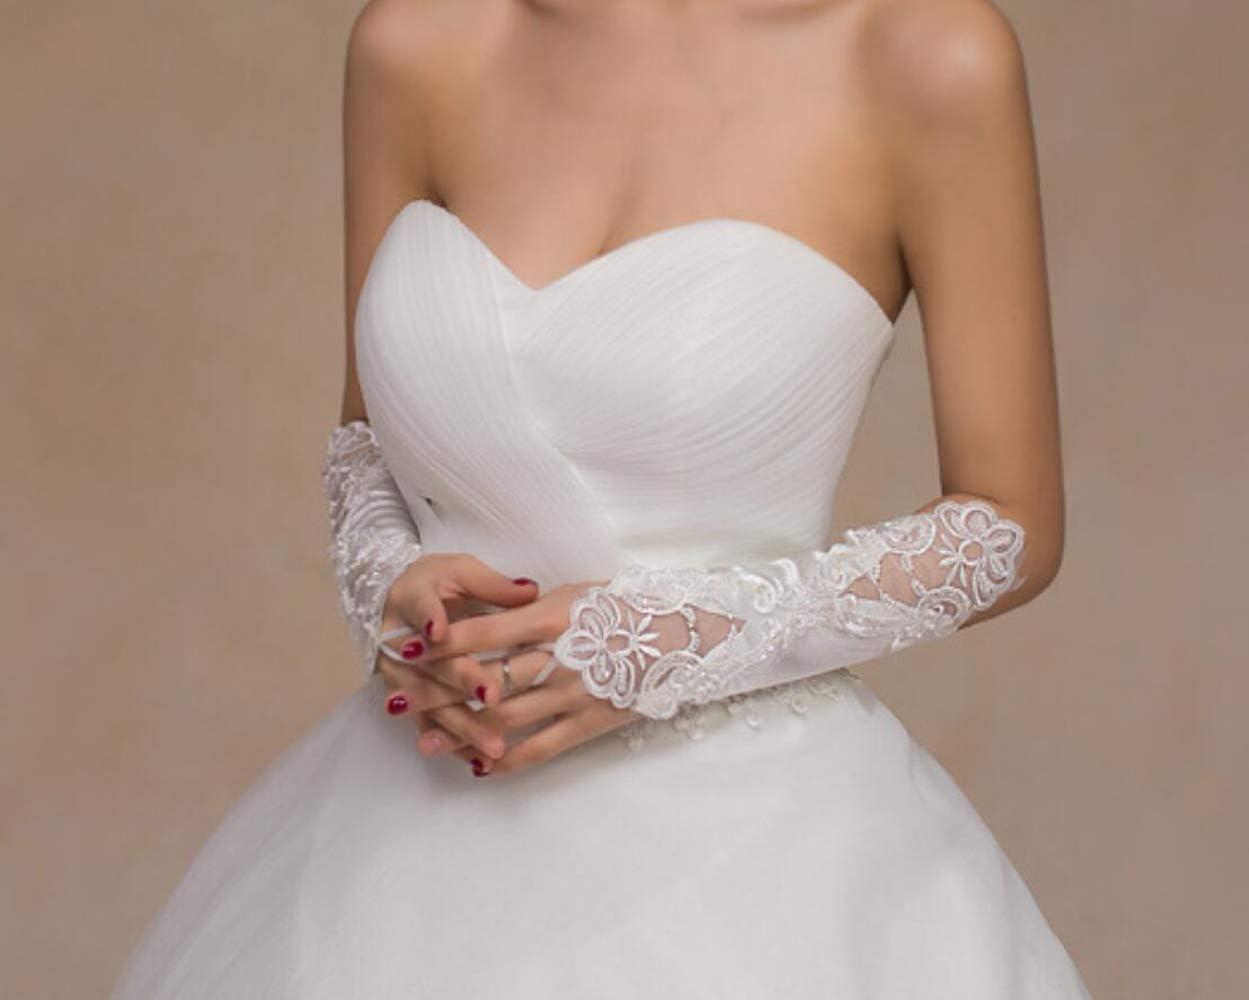 MoreChioce Donna 1 Paio di Elegante Pizzo Guanti Lunghi in Raso,Matrimonio Accessori per Matrimonio,Travestimenti,Carnevale,Ballo,Sera,Festa